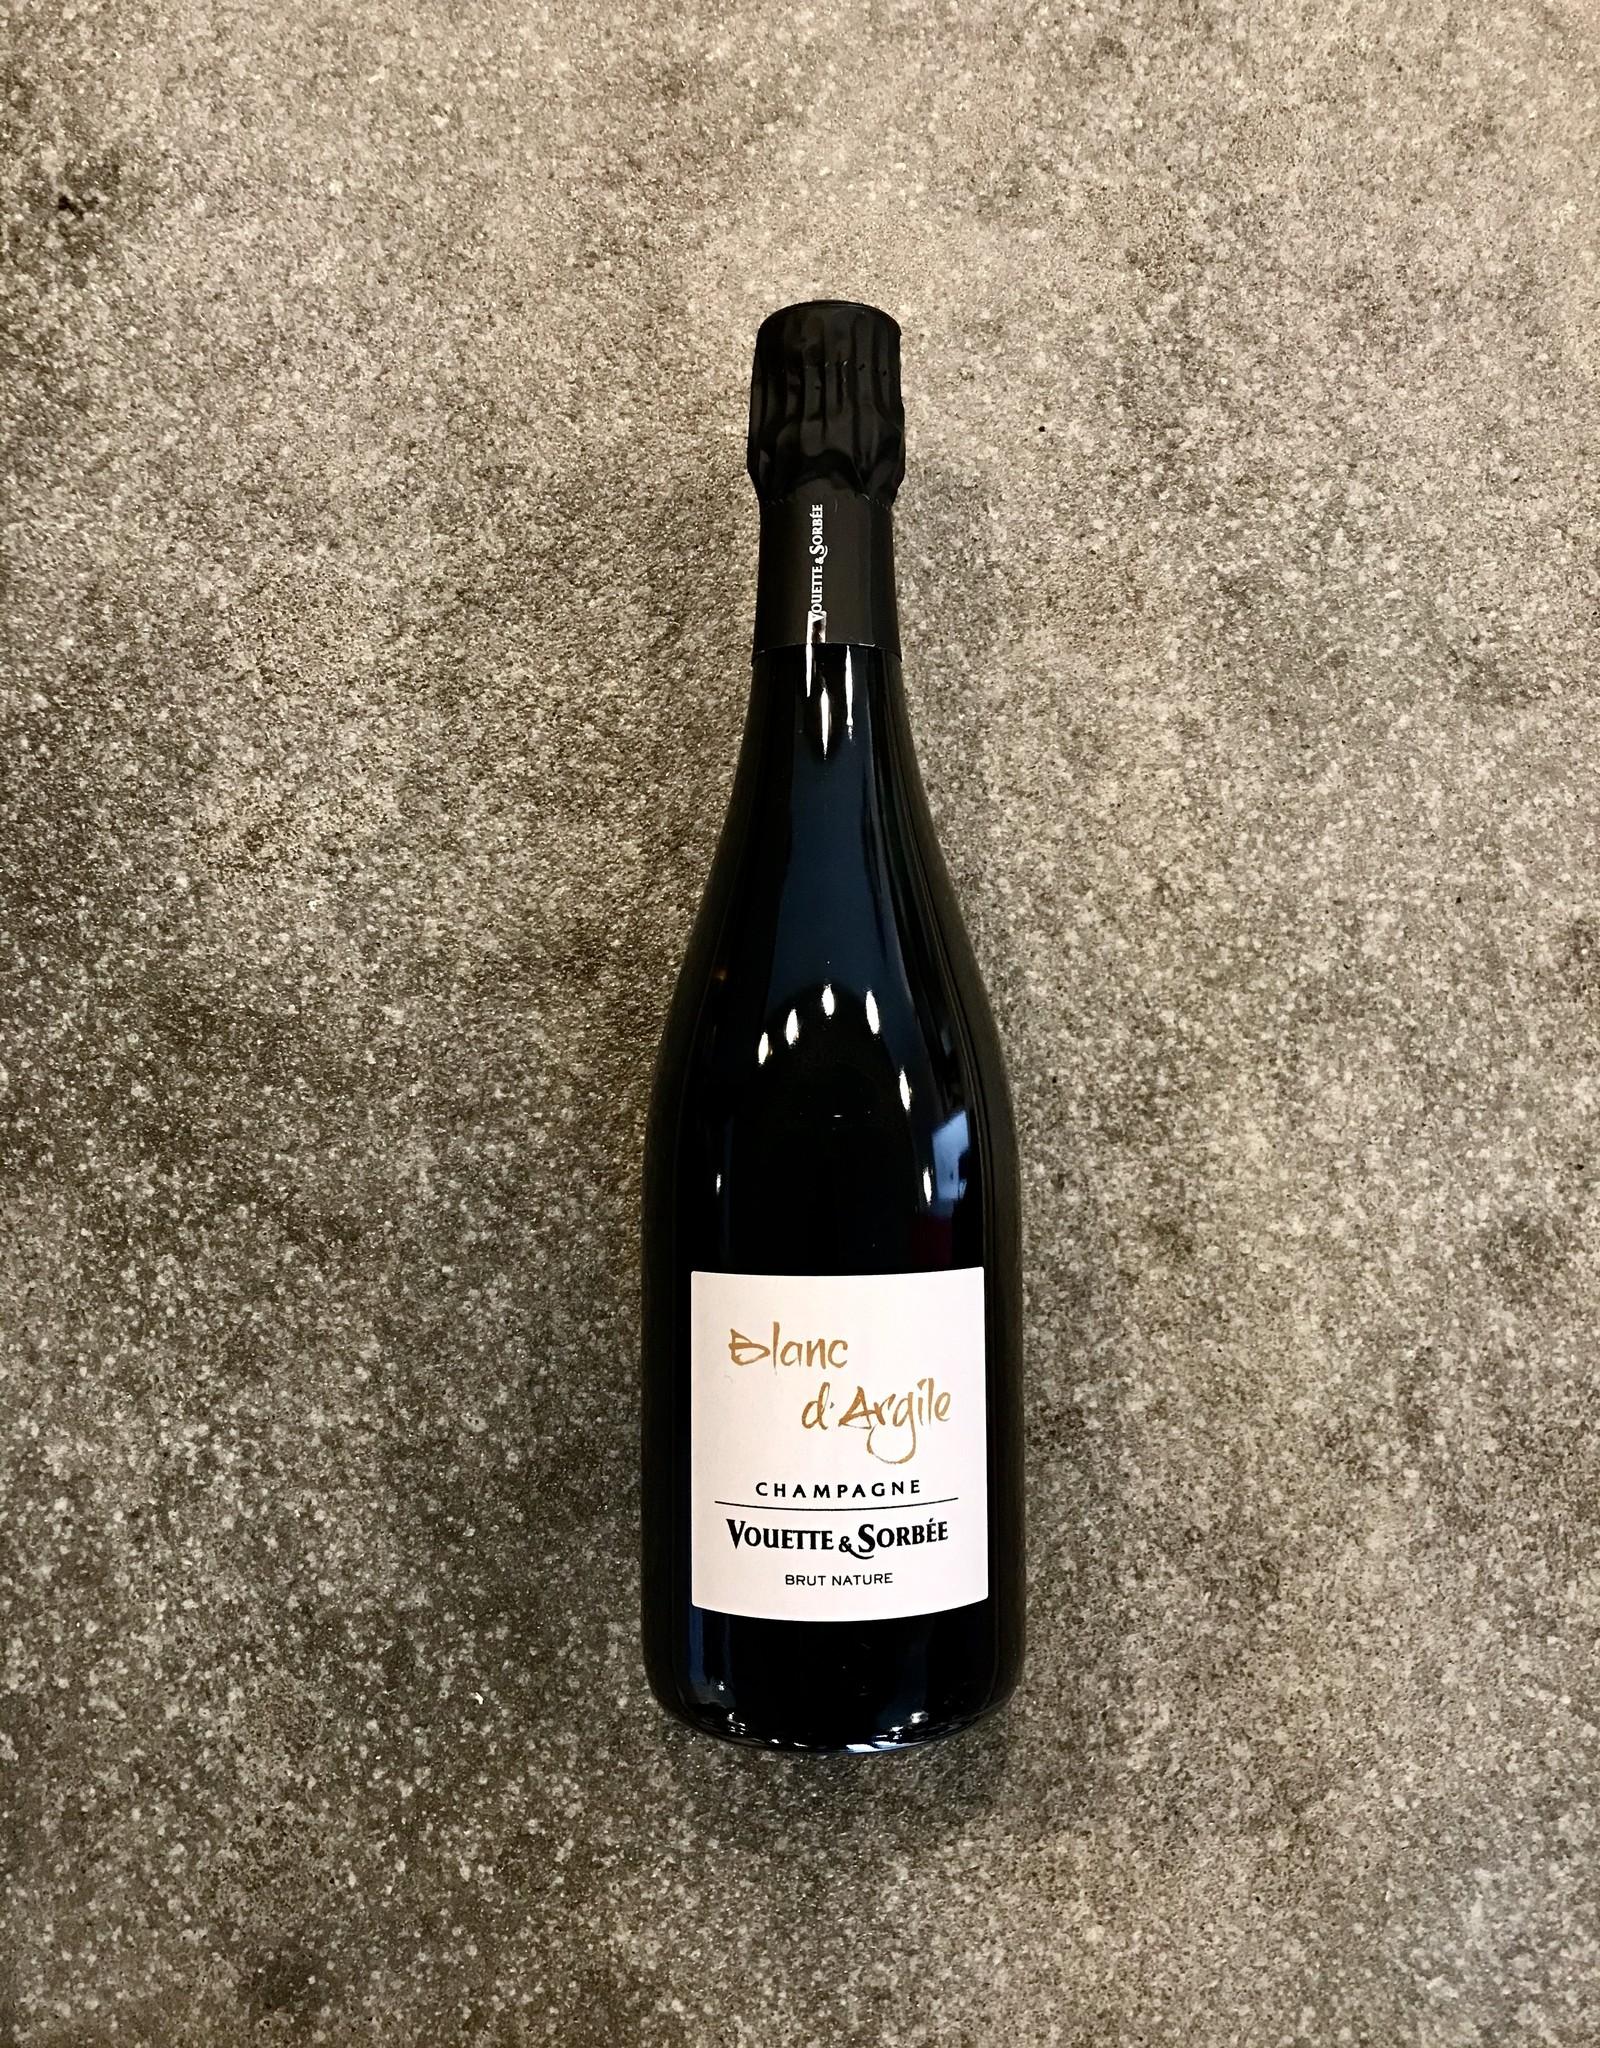 Champagne Vouette & Sorbée Blanc d'Argil Brut Nature